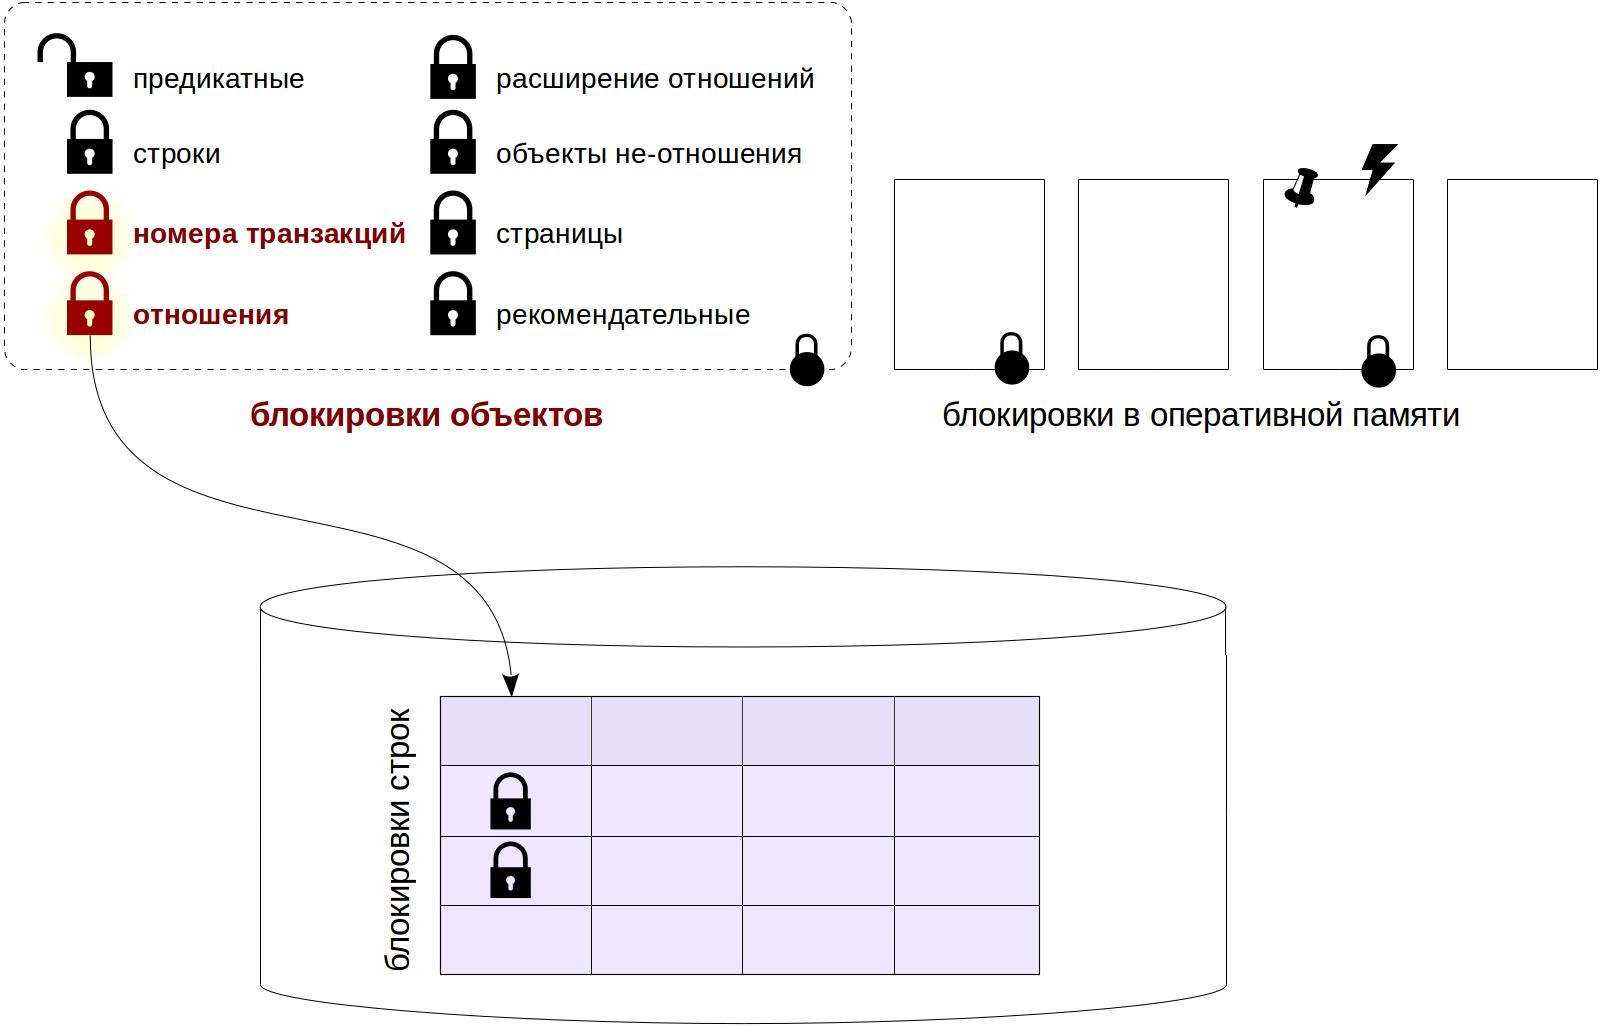 Блокировки в PostgreSQL: 1. Блокировки отношений - 2